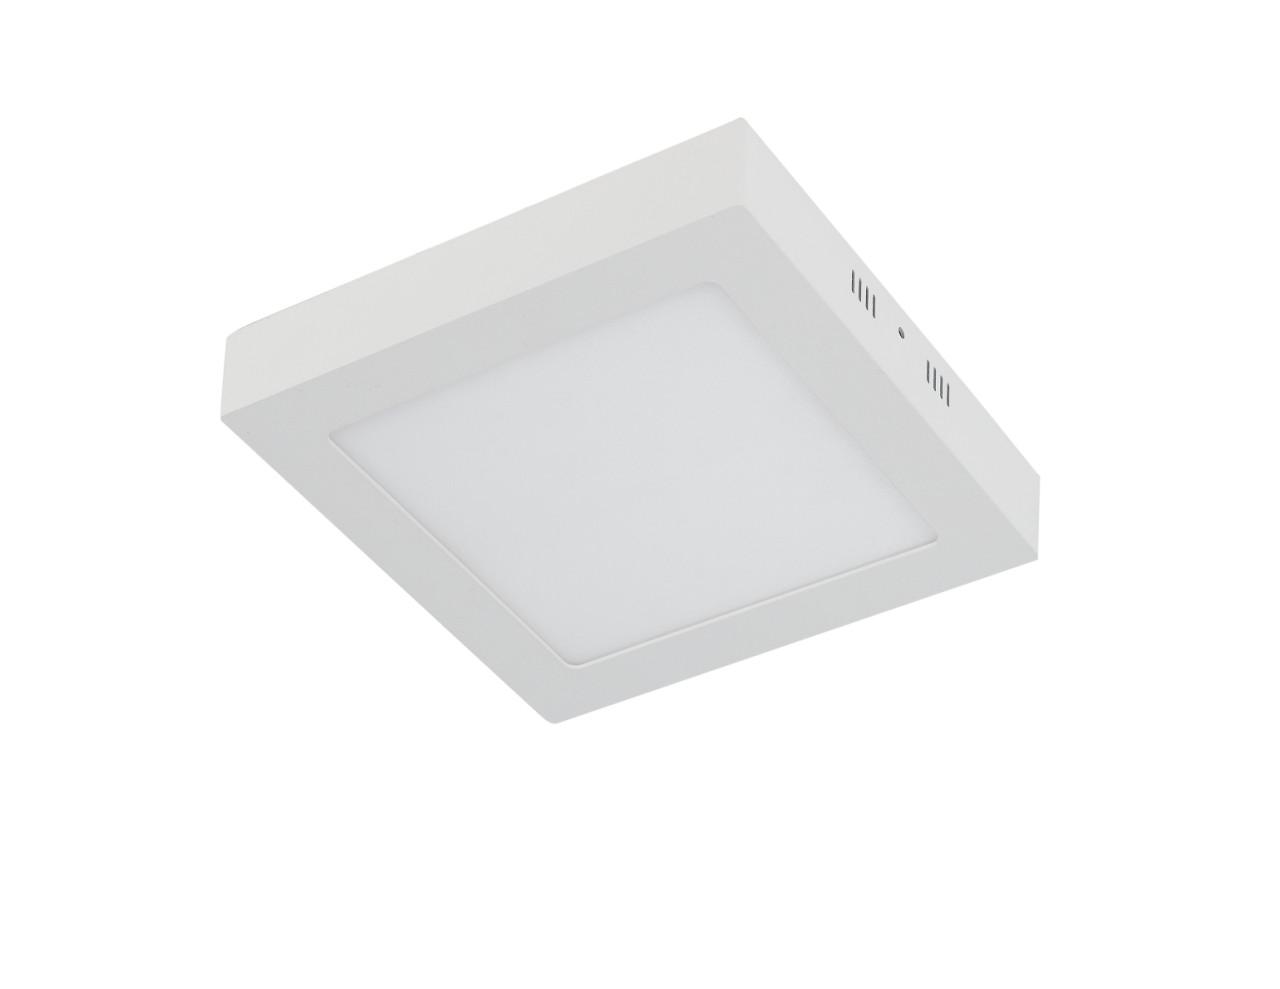 """Светодиодный накладной светильник """"Квадрат"""" LSPS 12.4200"""